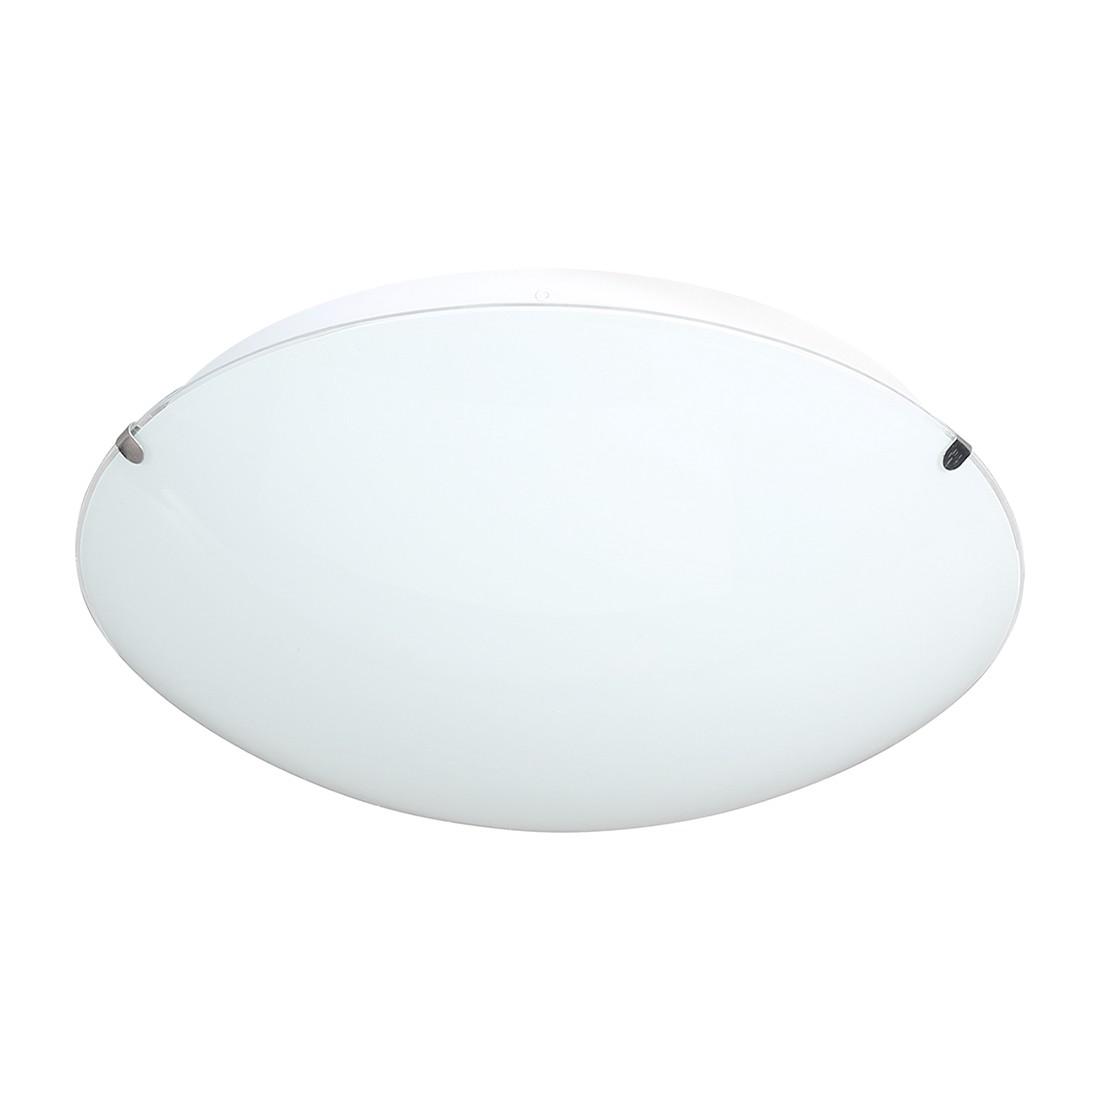 energie  A+, Plafondlamp LORENZ - zilverkleurig metaal 1 lichtbron, Action